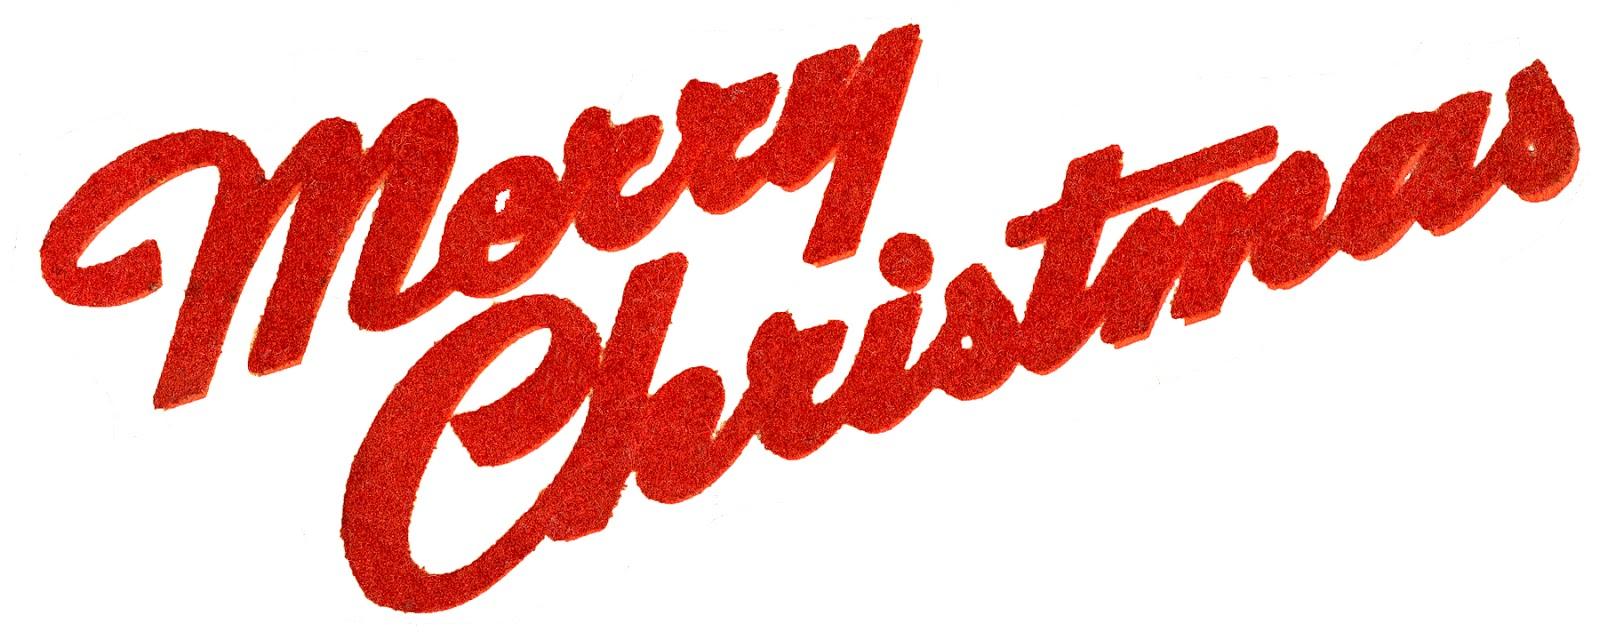 Retro Typography Flocked Merry Christmas